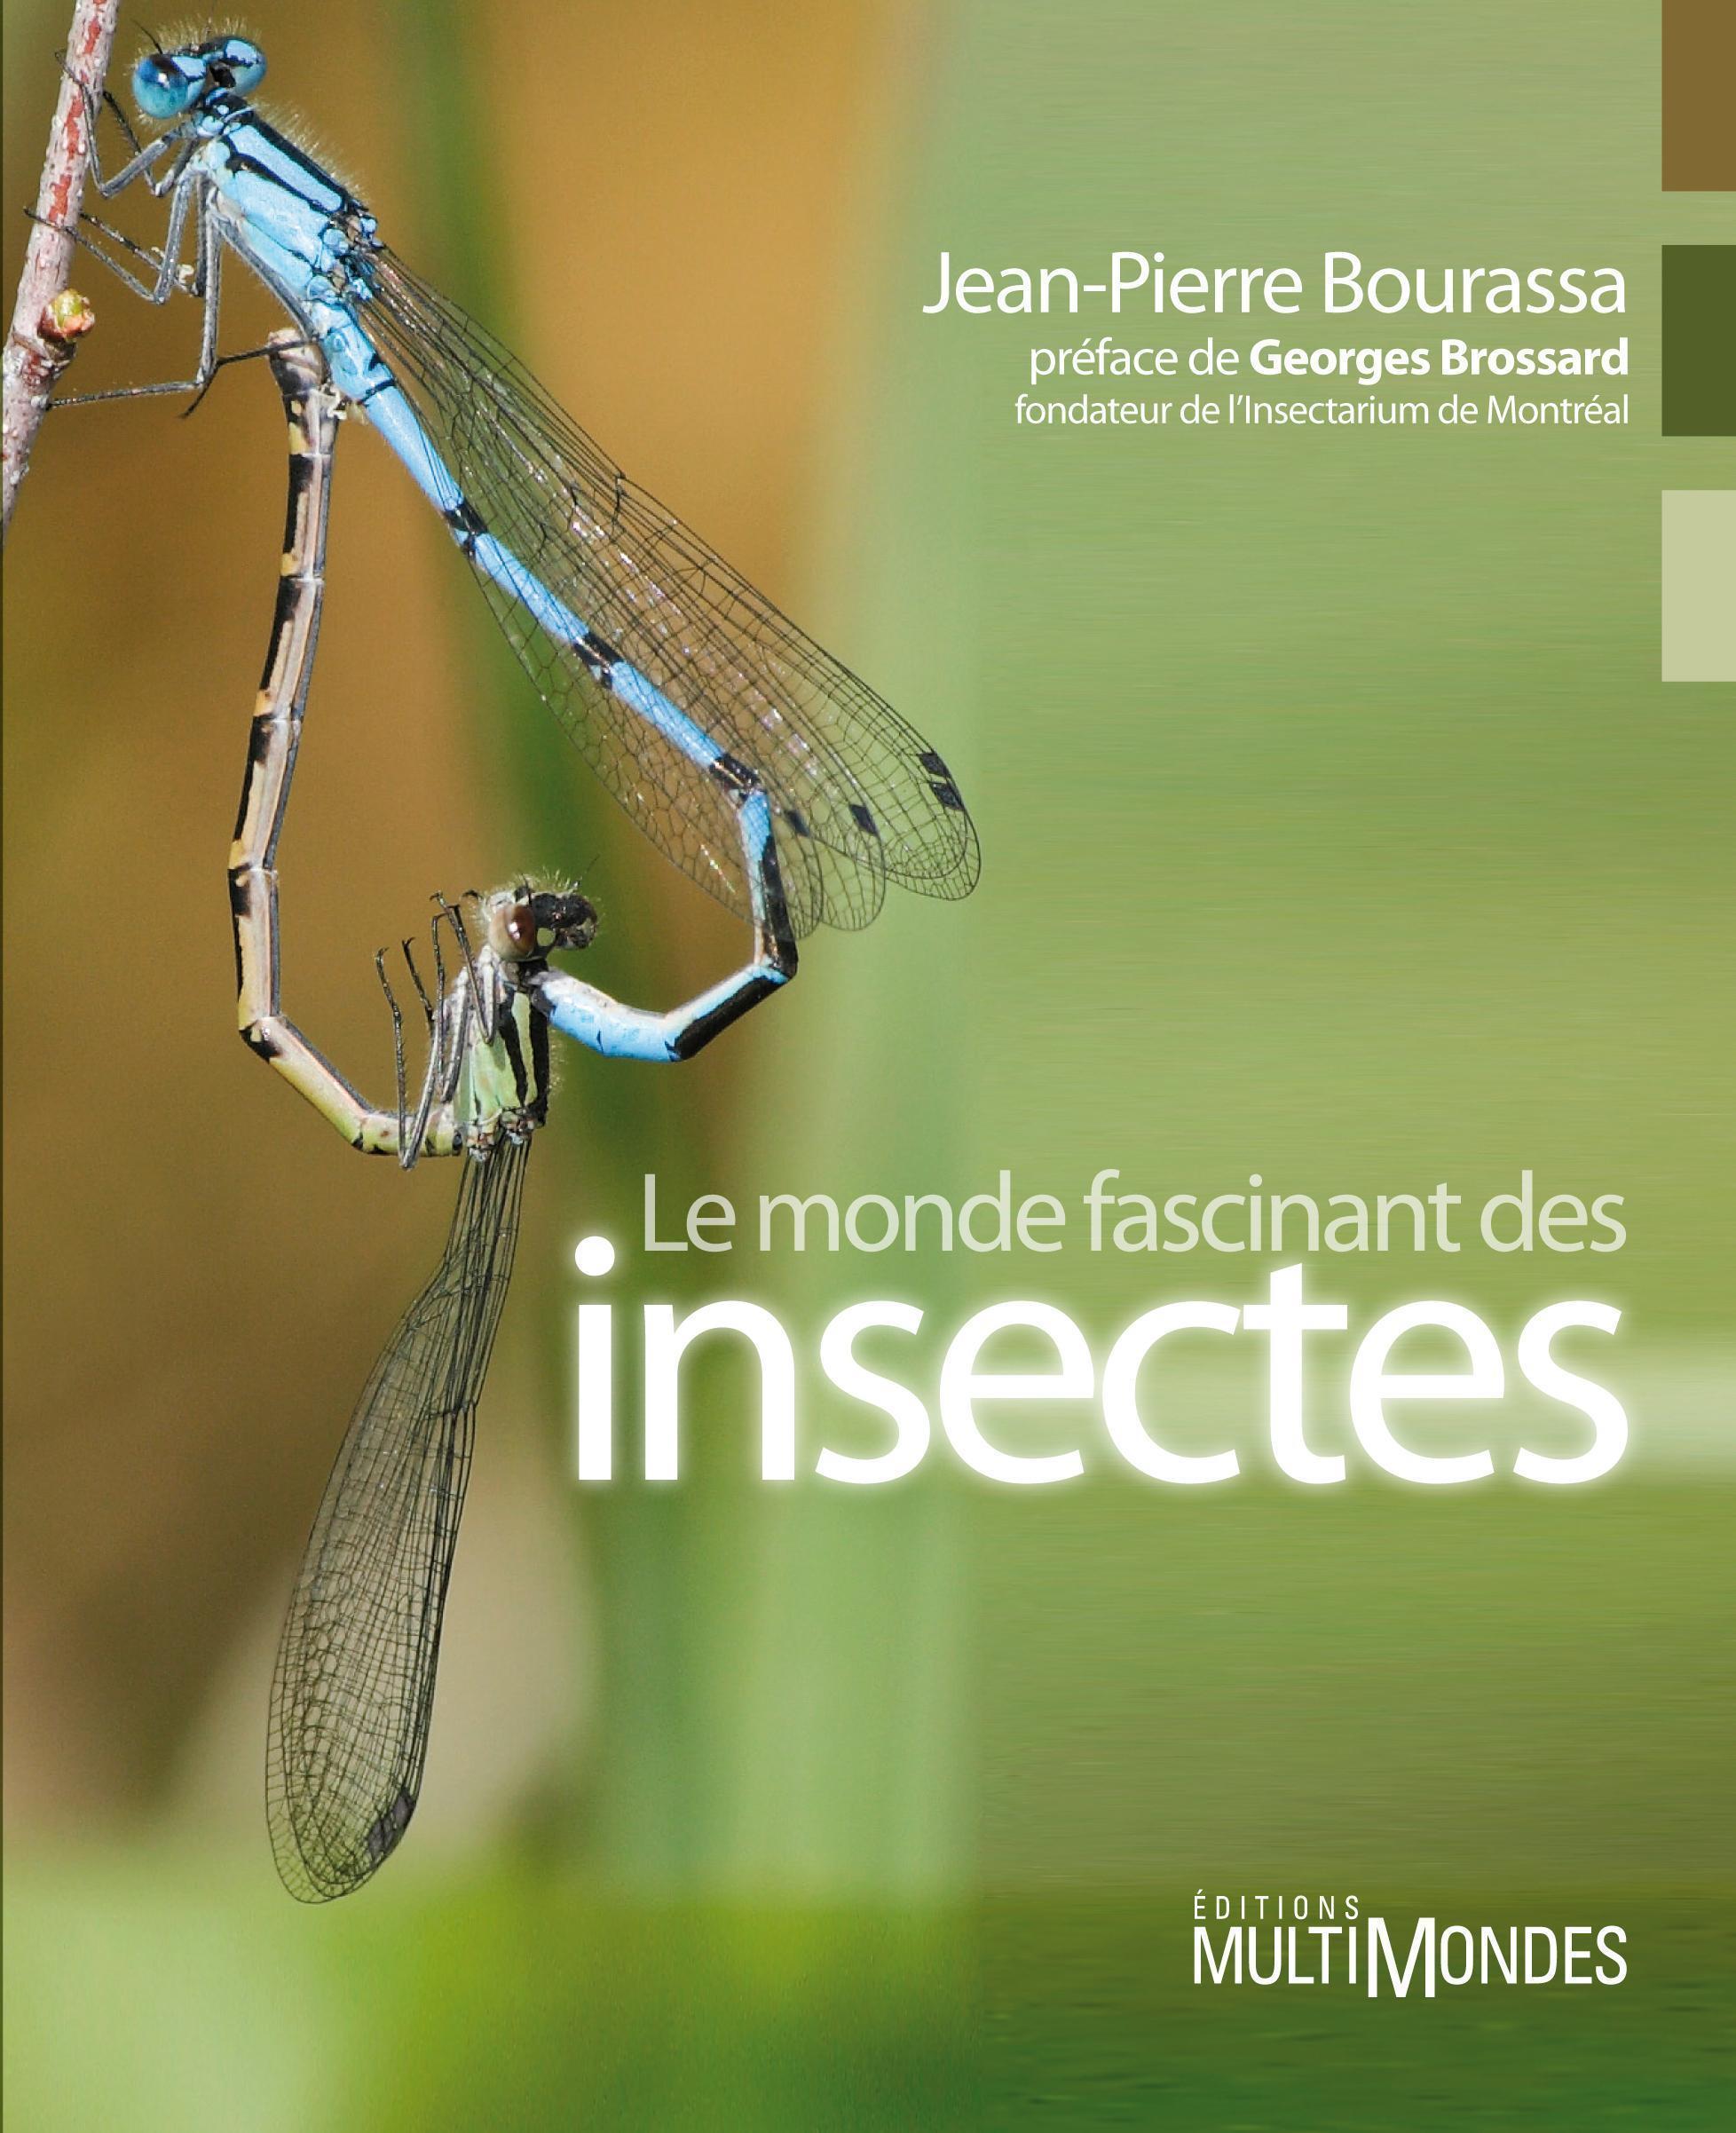 Couverture : Monde fascinant des insectes(Le) Jean-pierre Bourassa, Georges Brossard